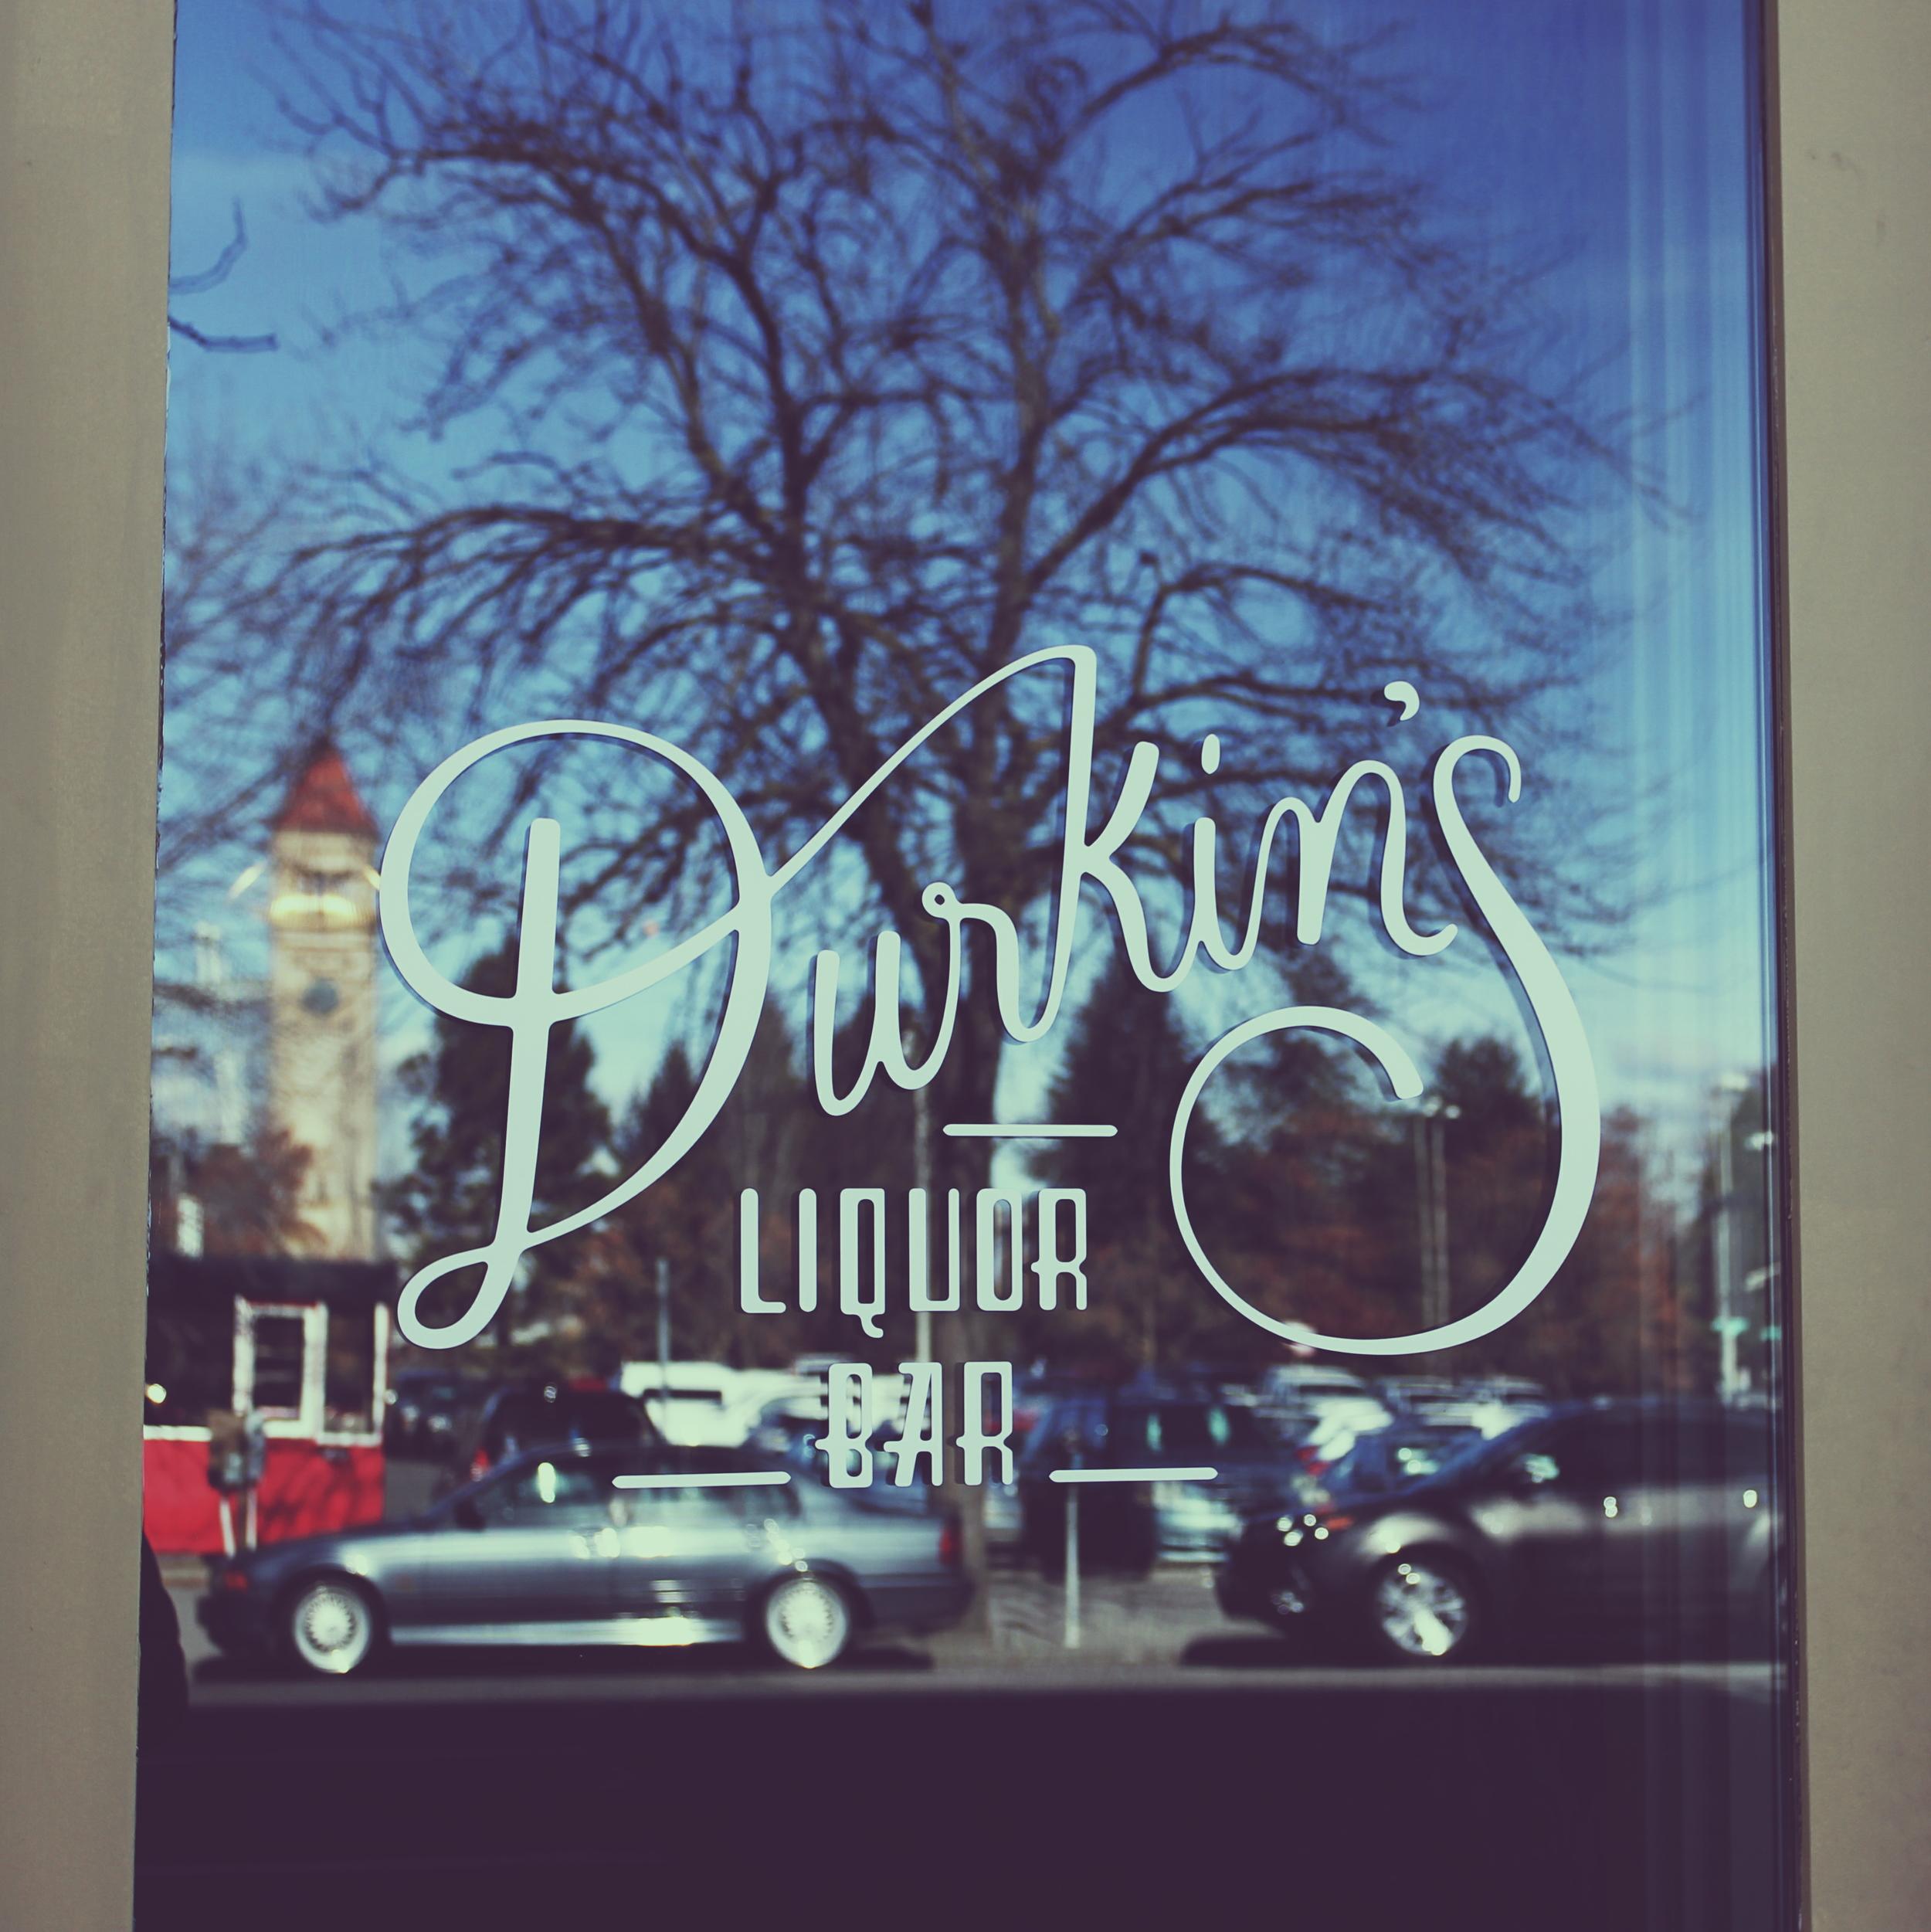 DURKIN'S LIQUOR BAR